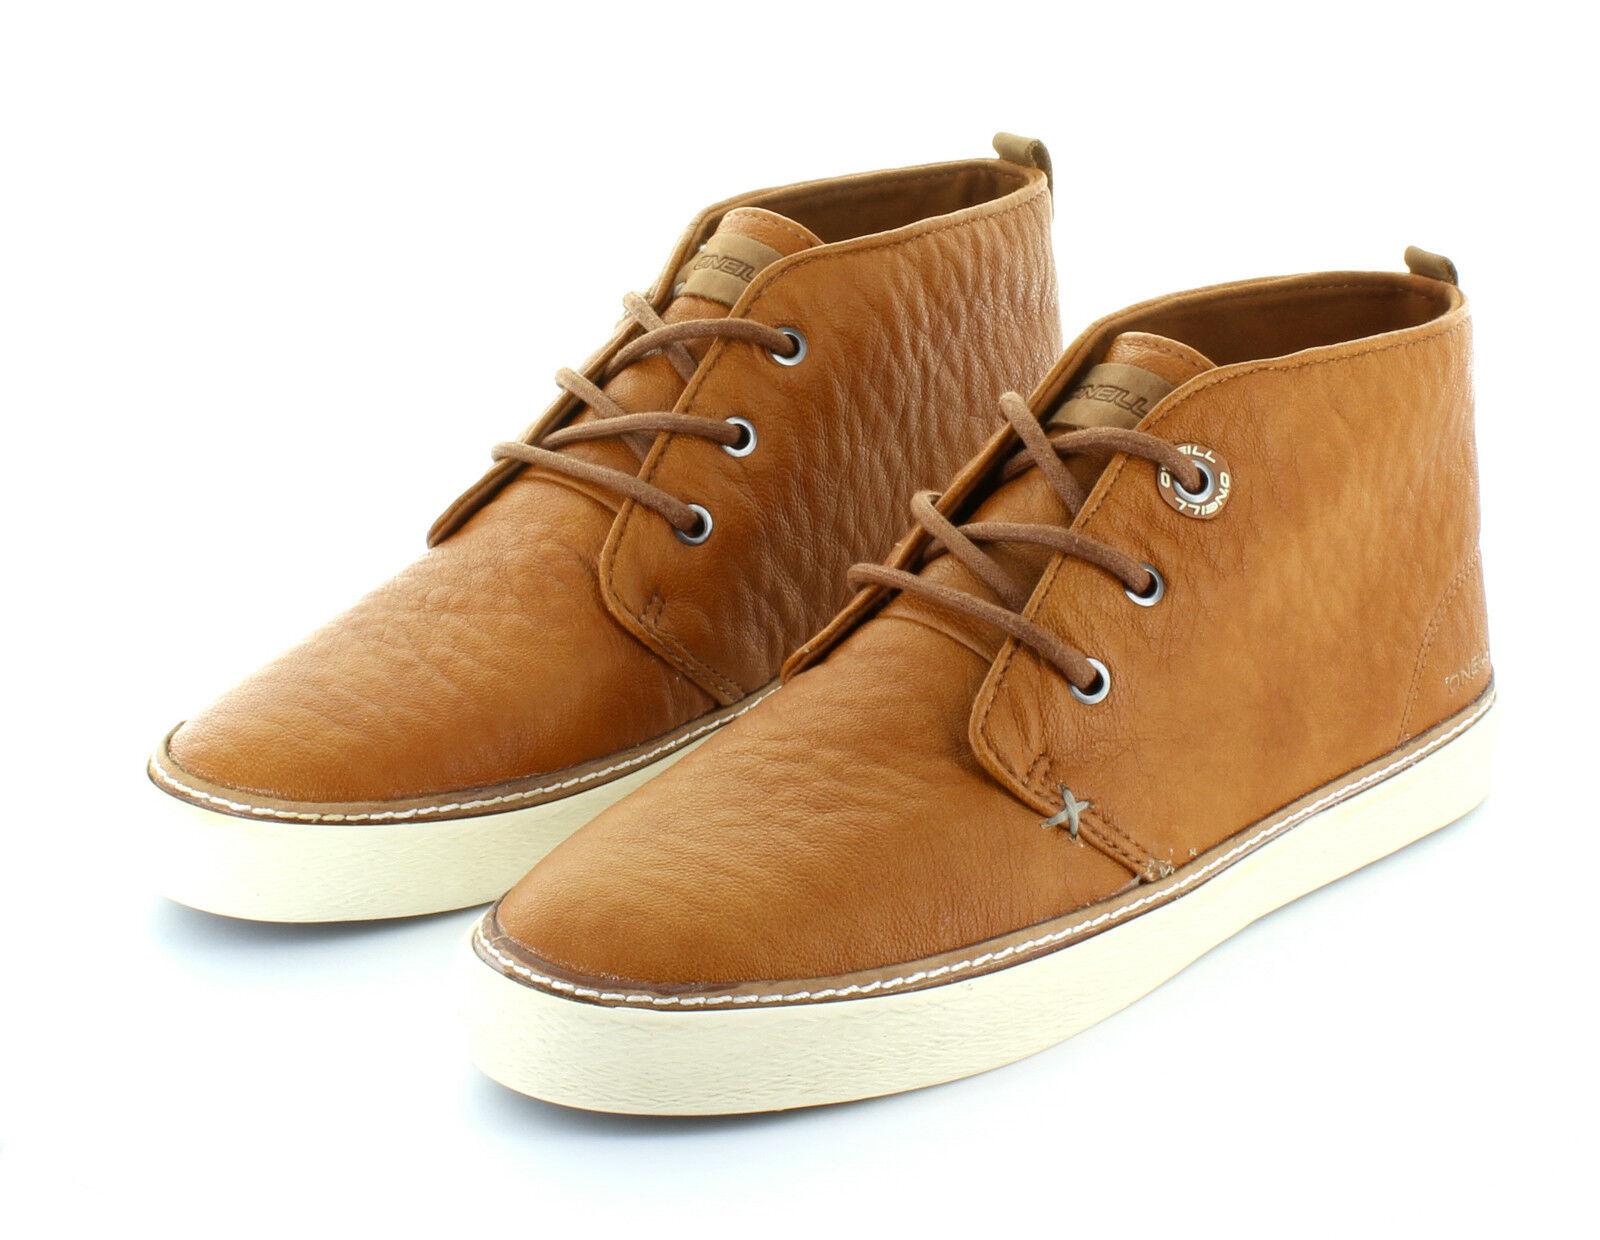 O`Neill Kali braun Damen Sneaker Freizeit Schuhe  Gr. 37 / 37,5